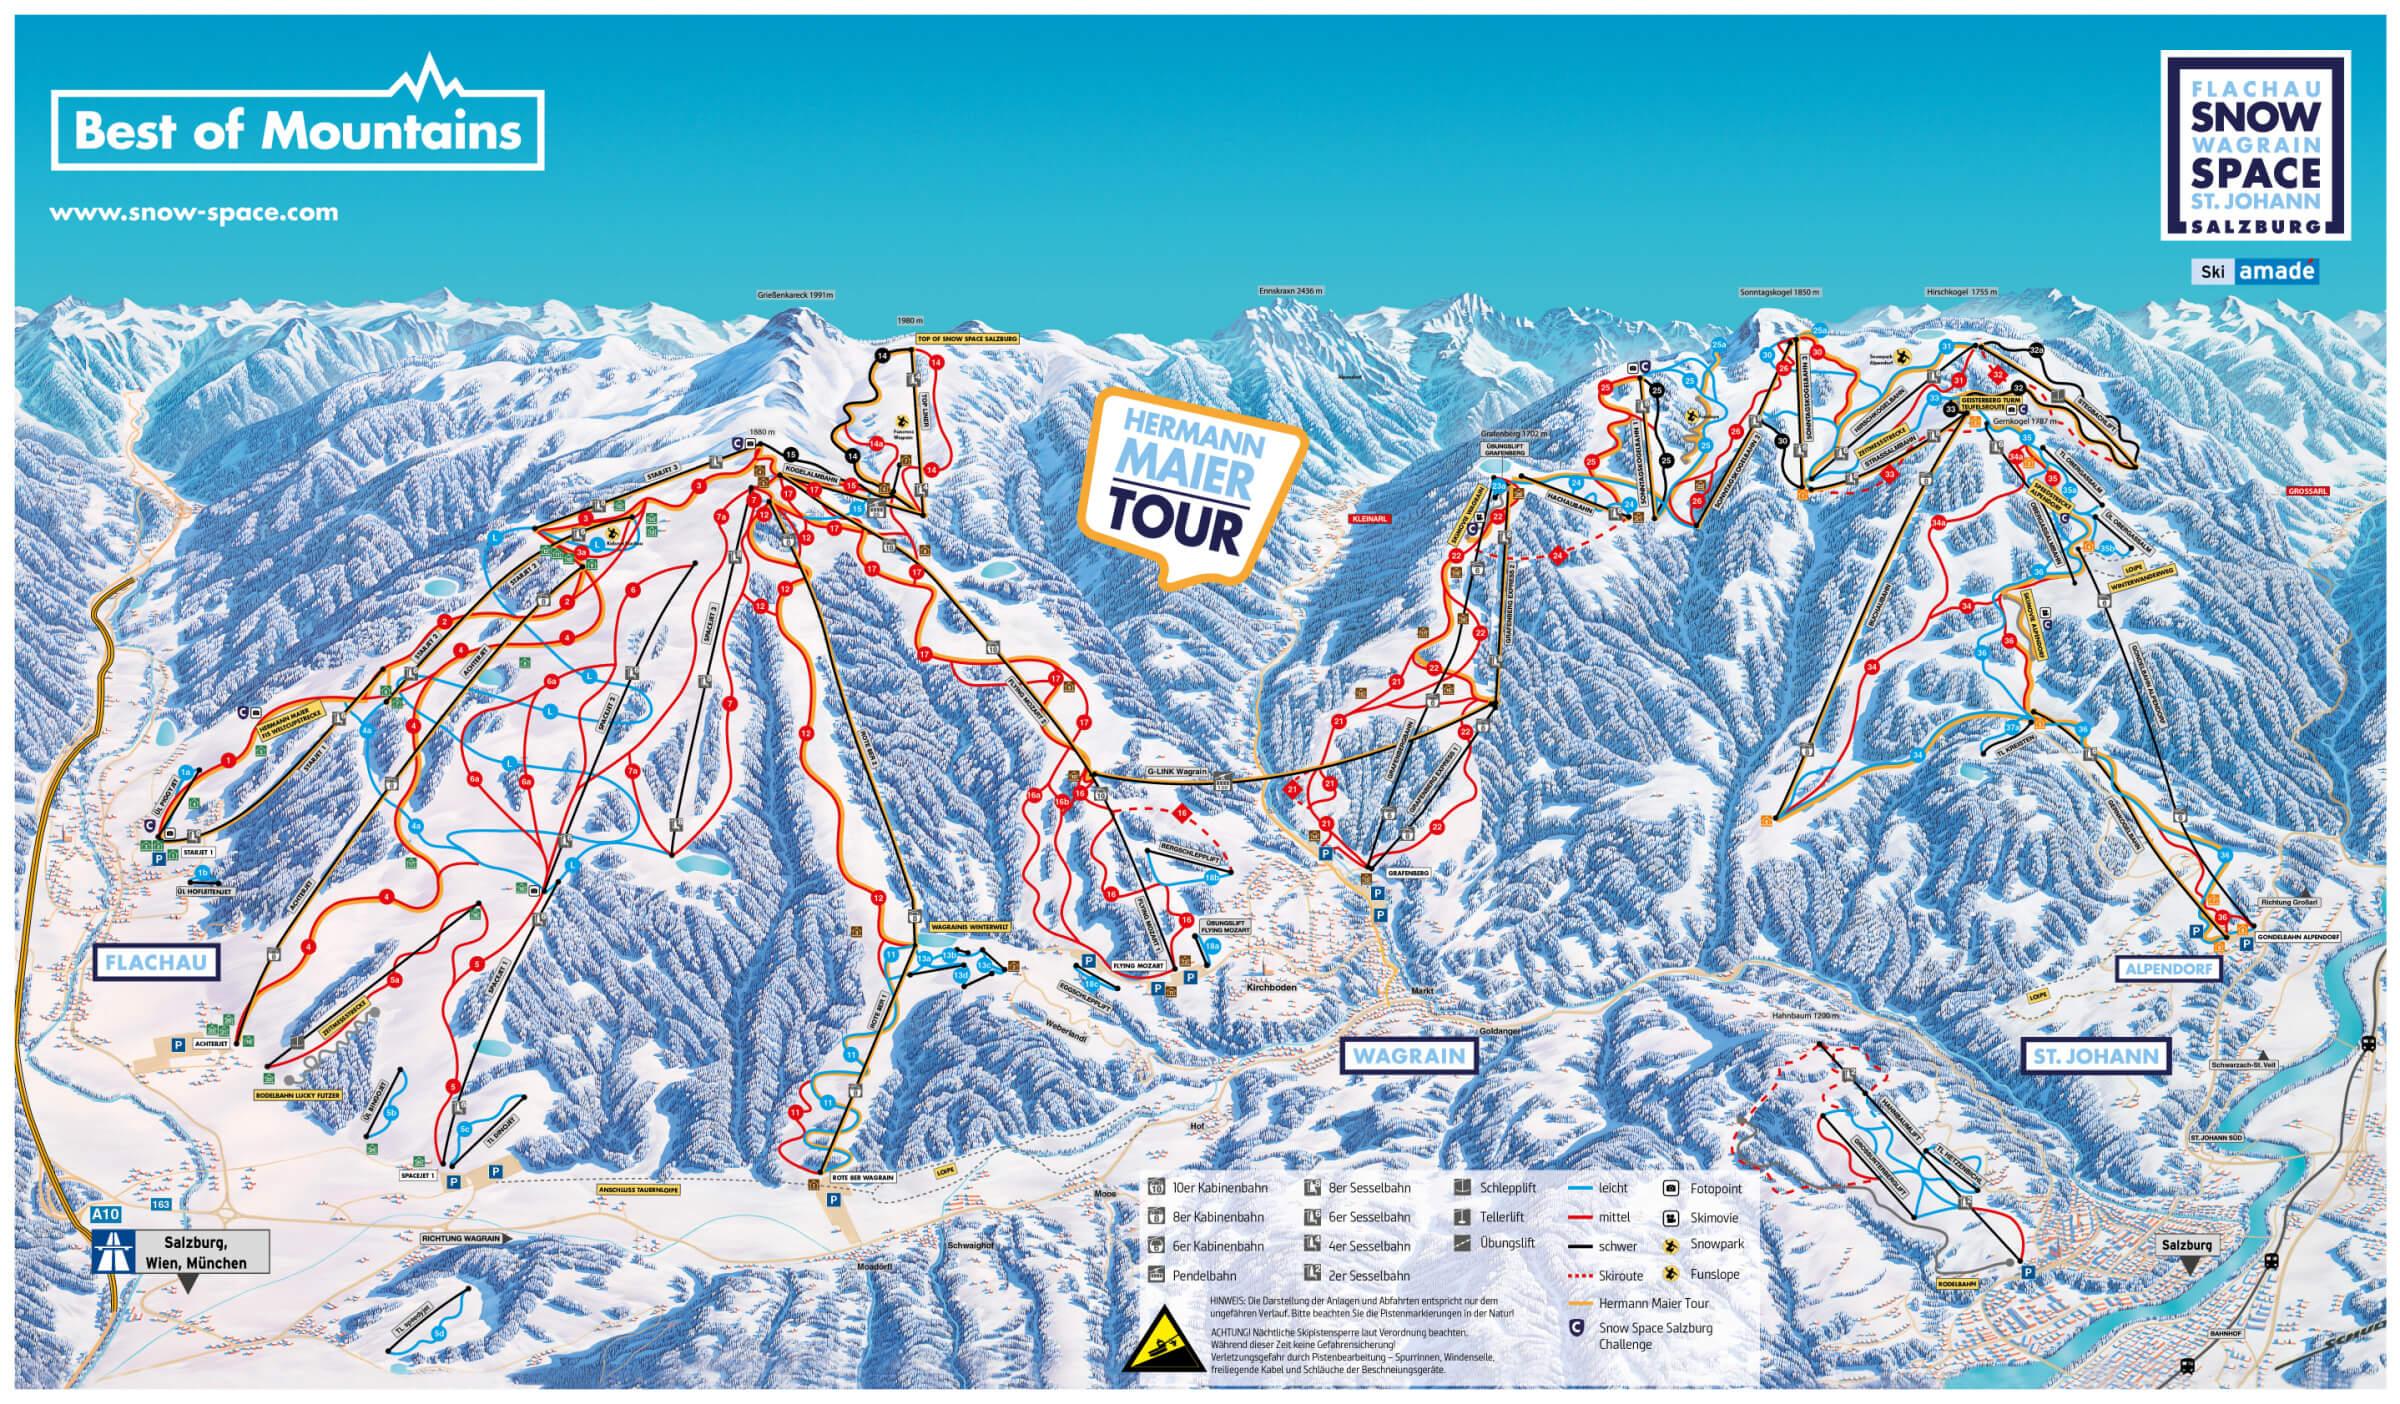 Snow space Salzburg - mapa skiareálu